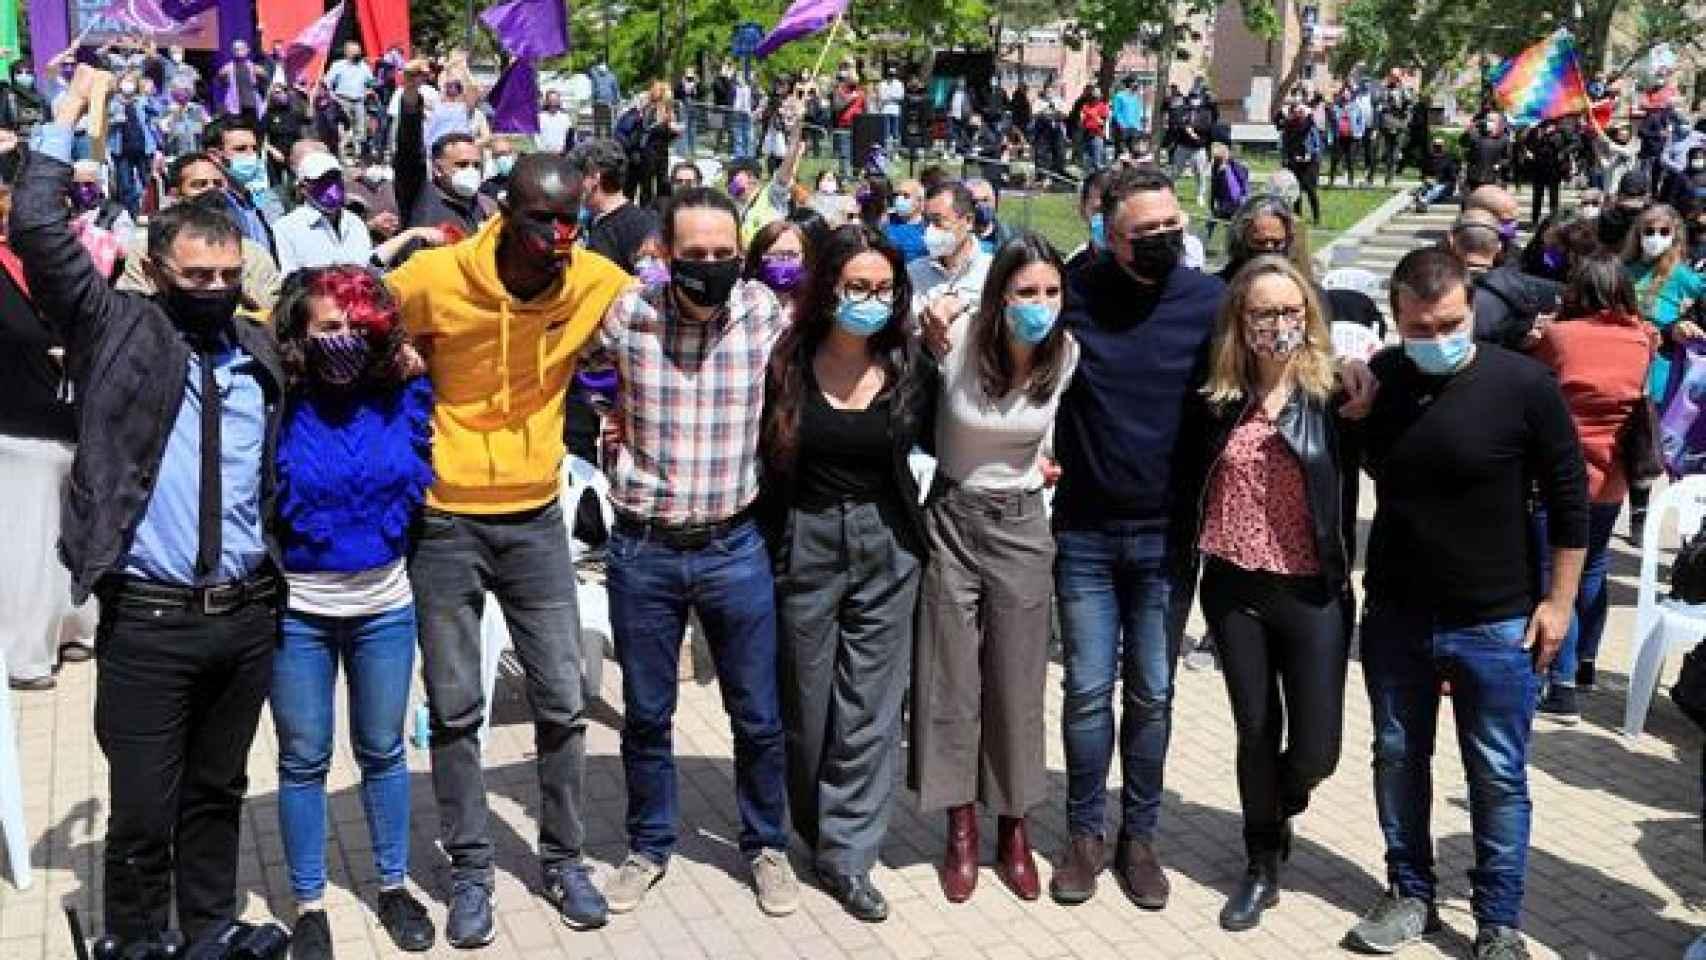 Acto electoral de Unidas Podemos en el Parque de Olof Palme (Madrid) con los primeros de su lista electoral.